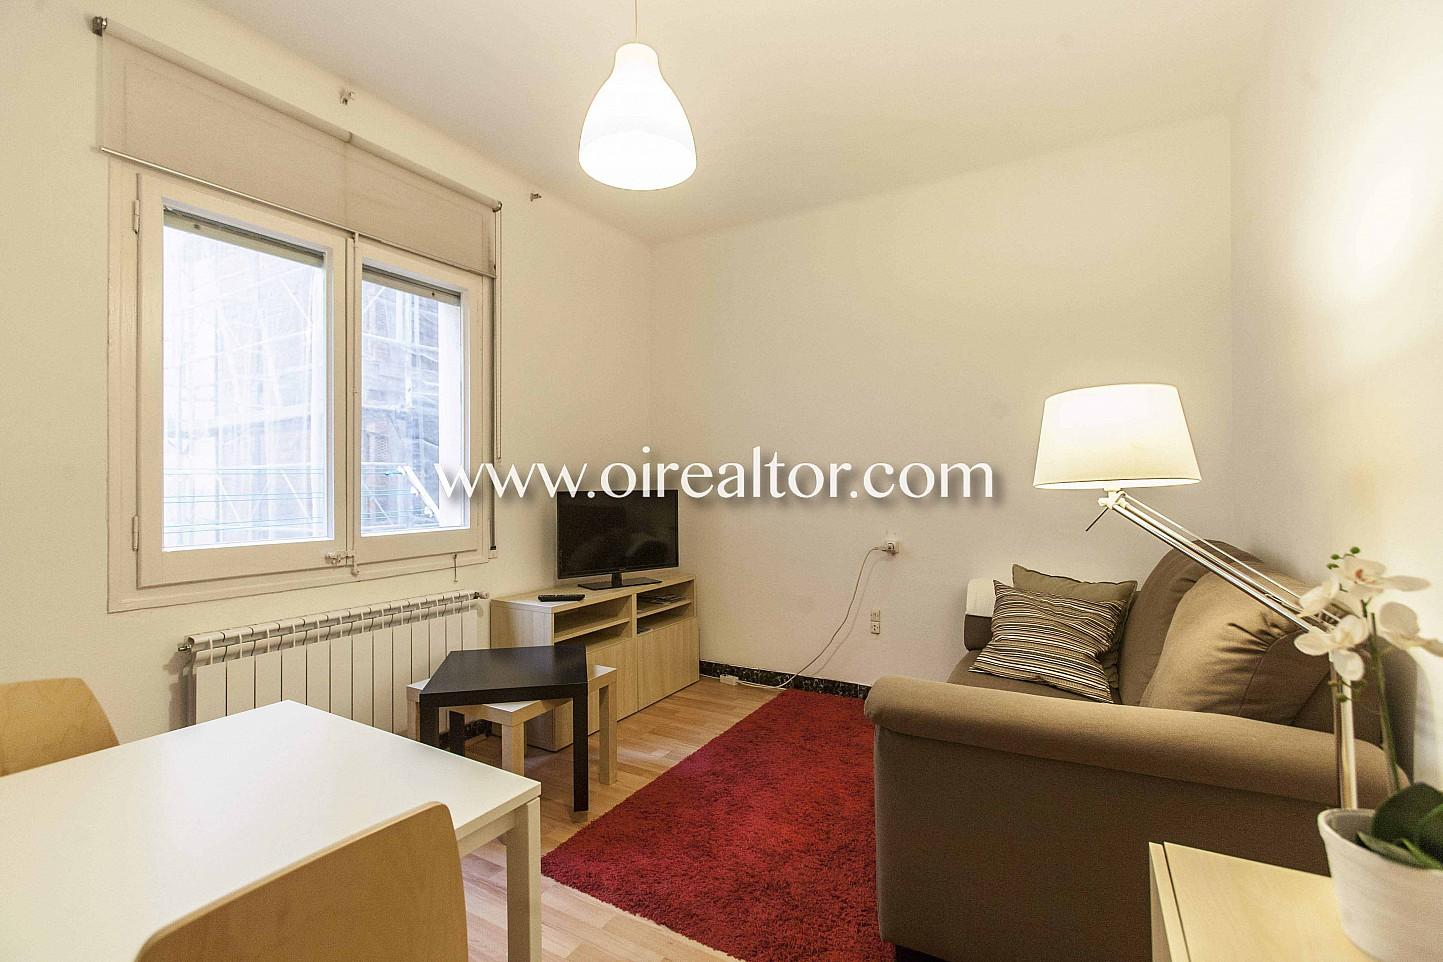 salón, sala de estar, soleado, salón soleado, salón luminoso,